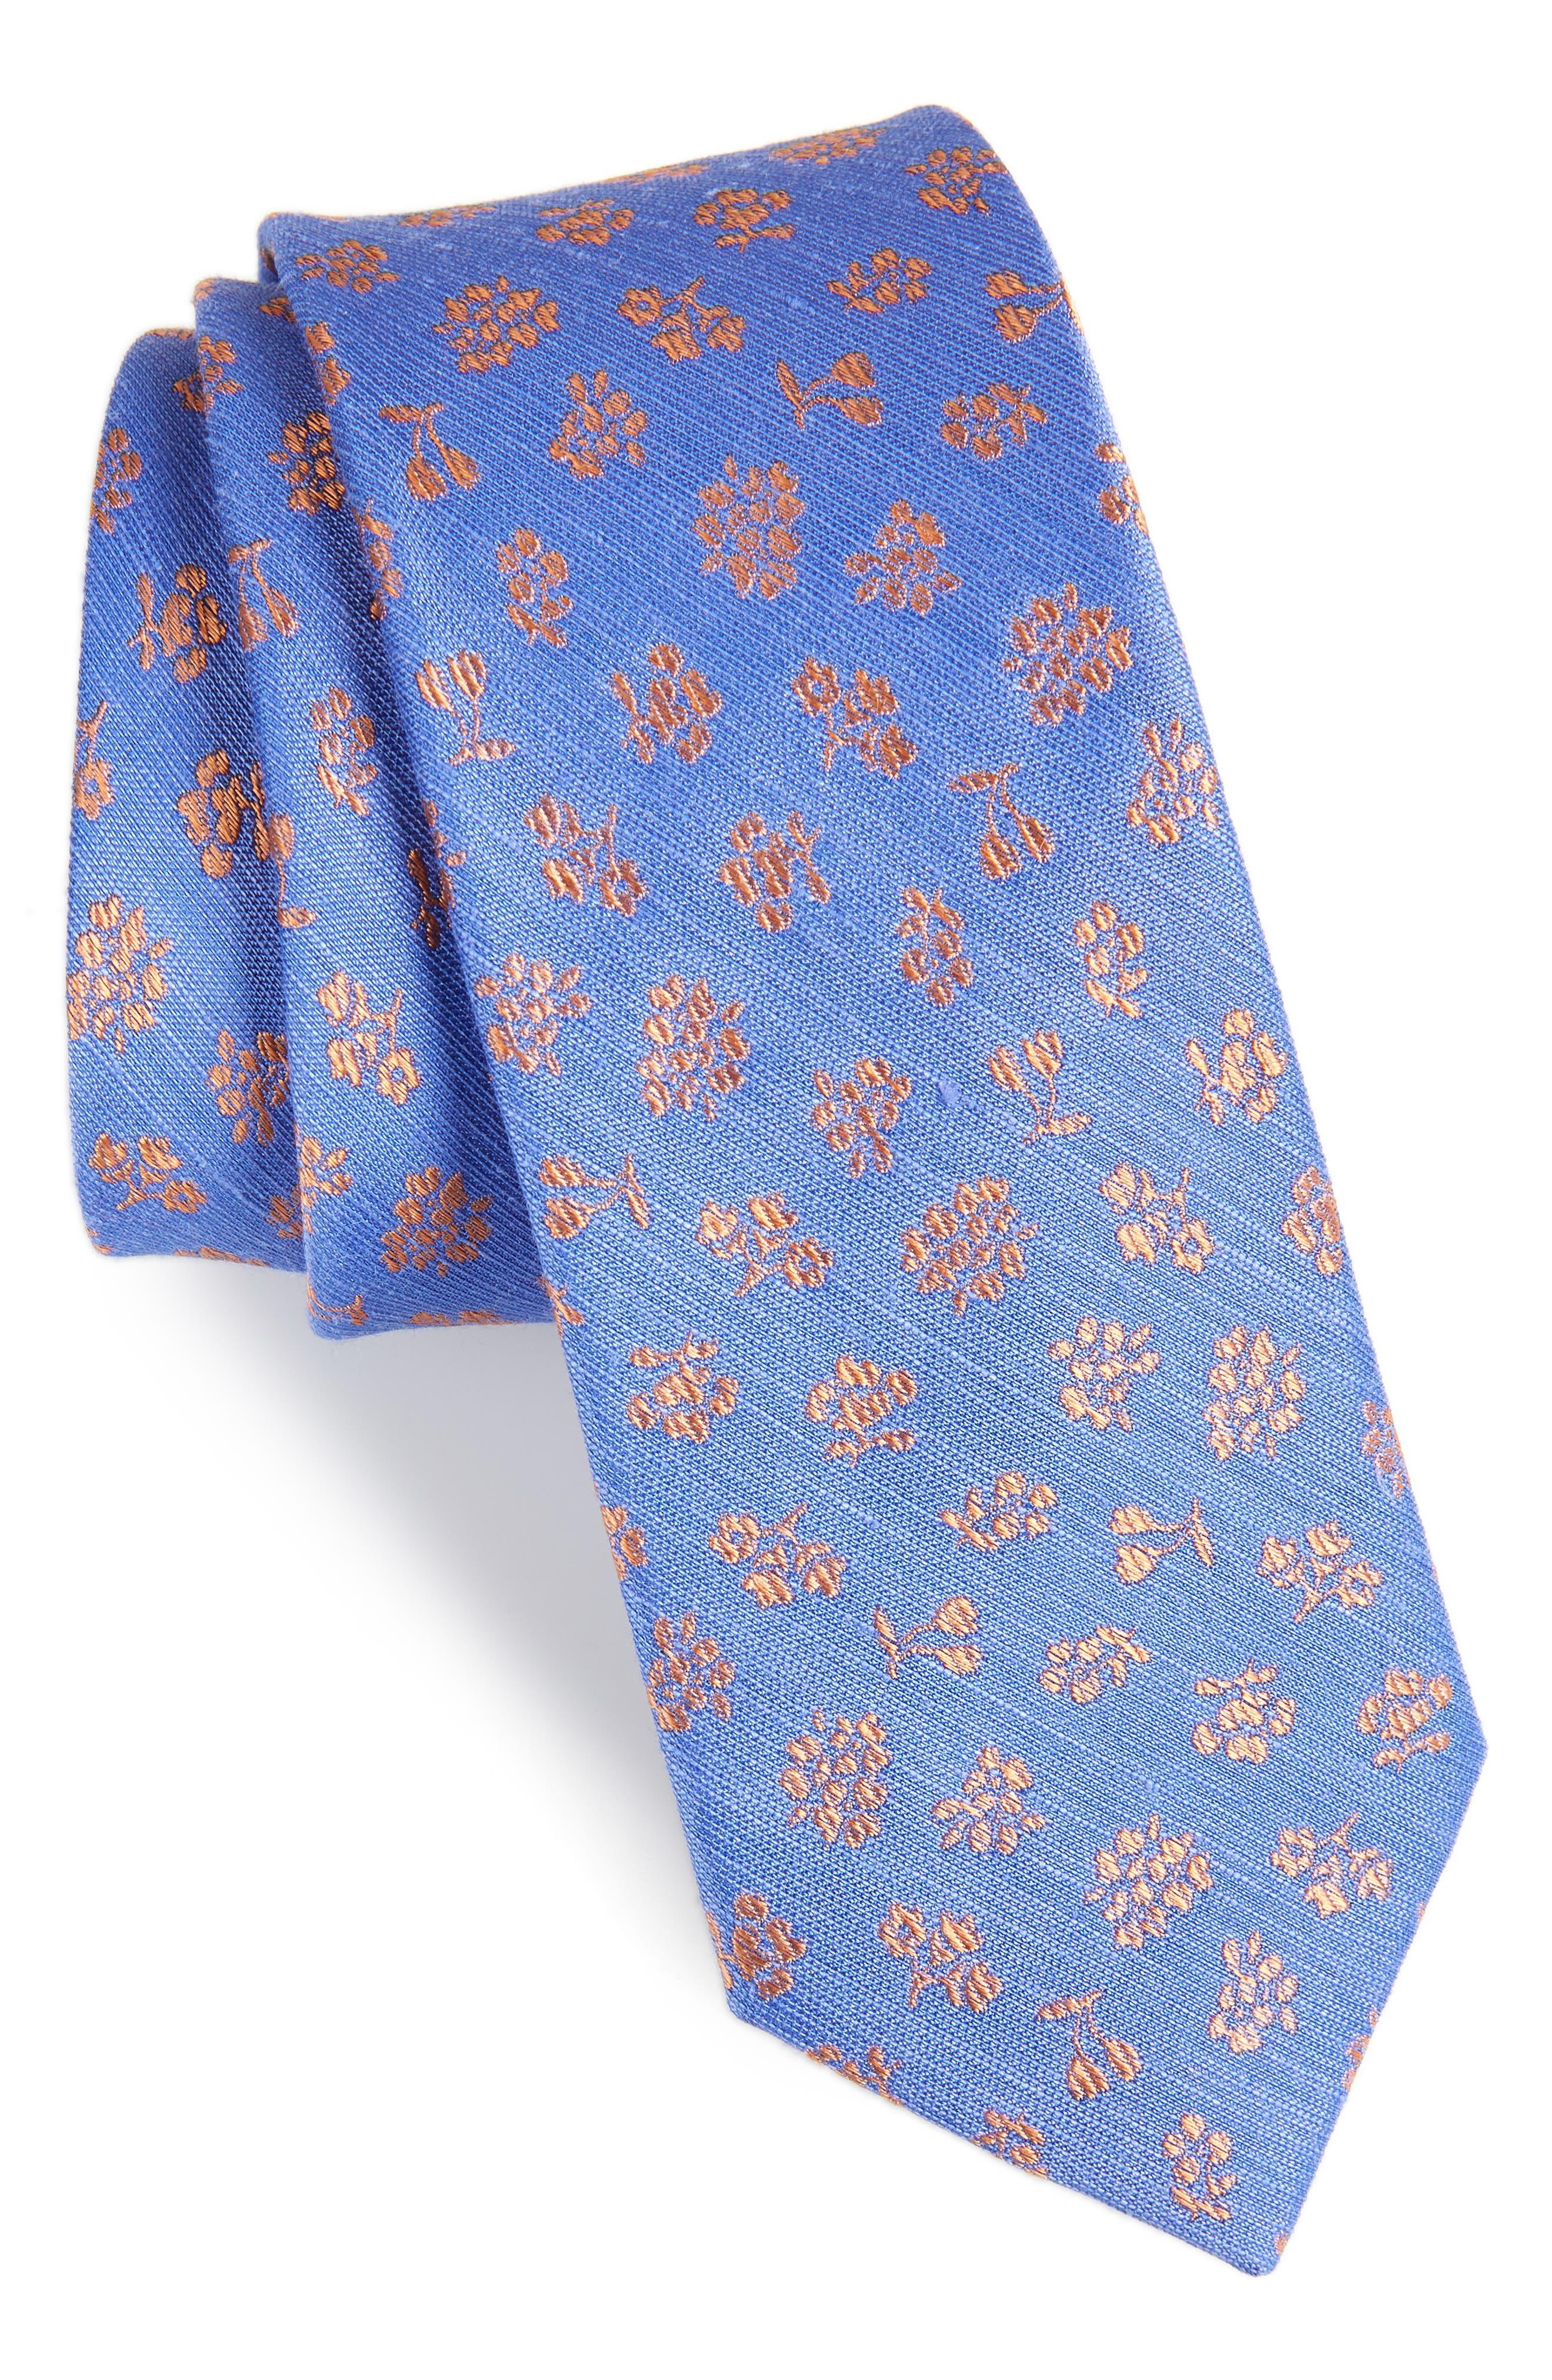 Fruta Floral Silk & Linen Tie,                             Main thumbnail 1, color,                             PERIWINKLE